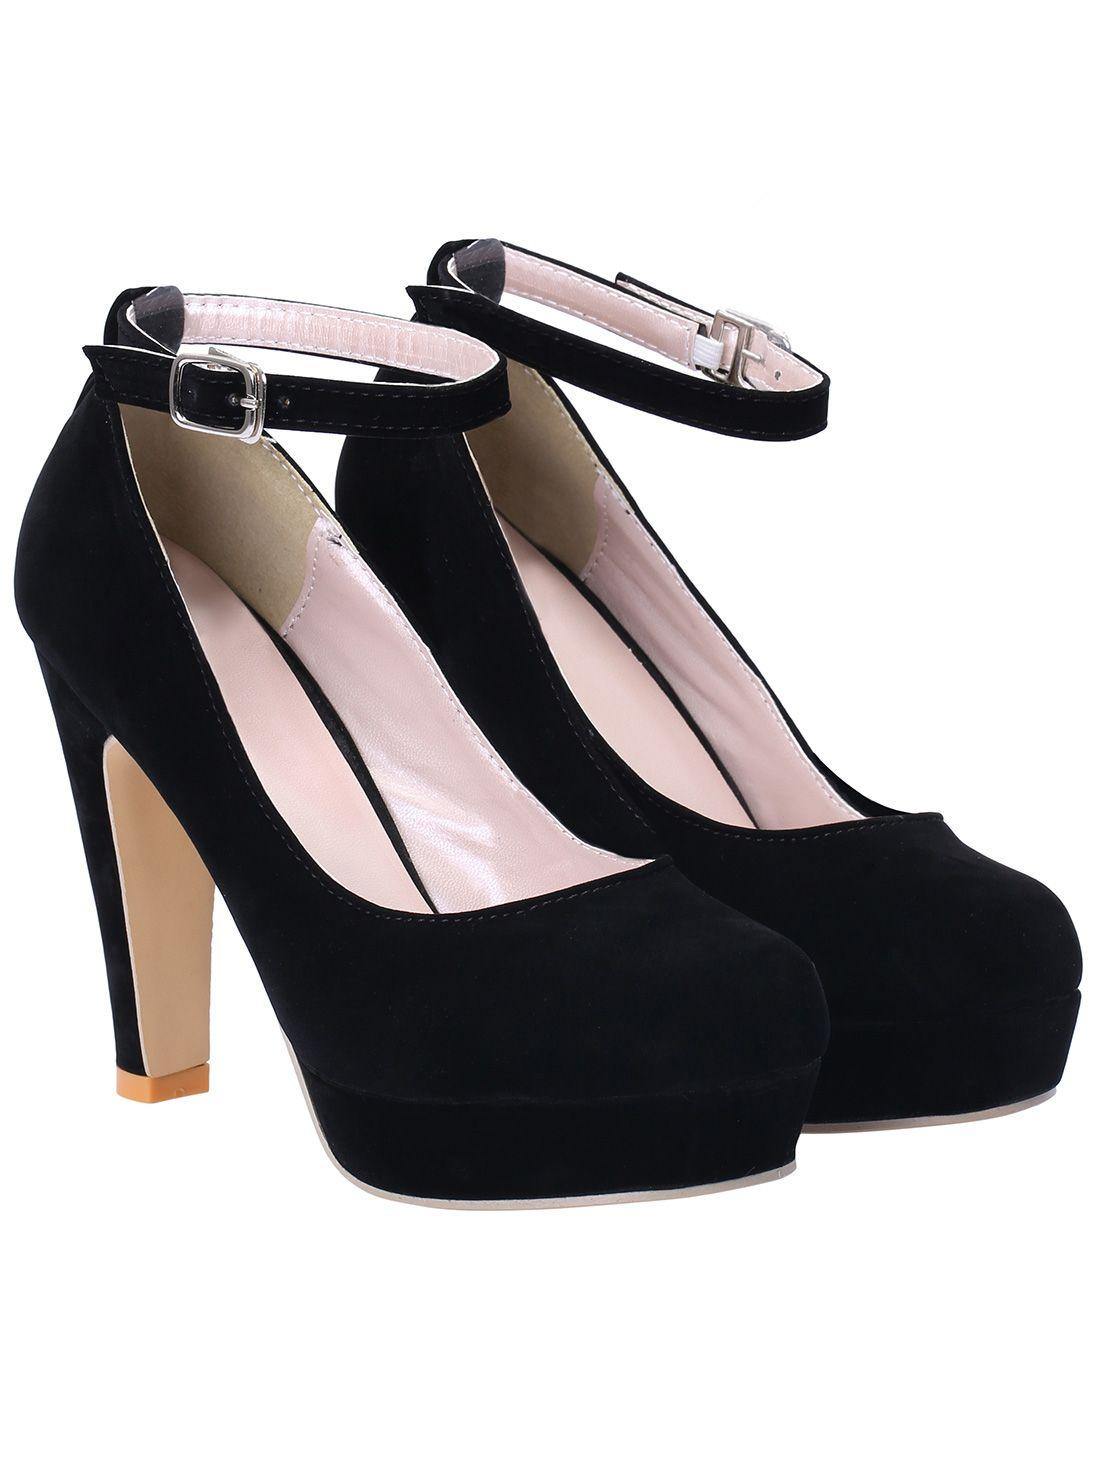 Zapatos alto 23 36 tobillo tirante de tacón negro de EZ0qErfn 32196958e743